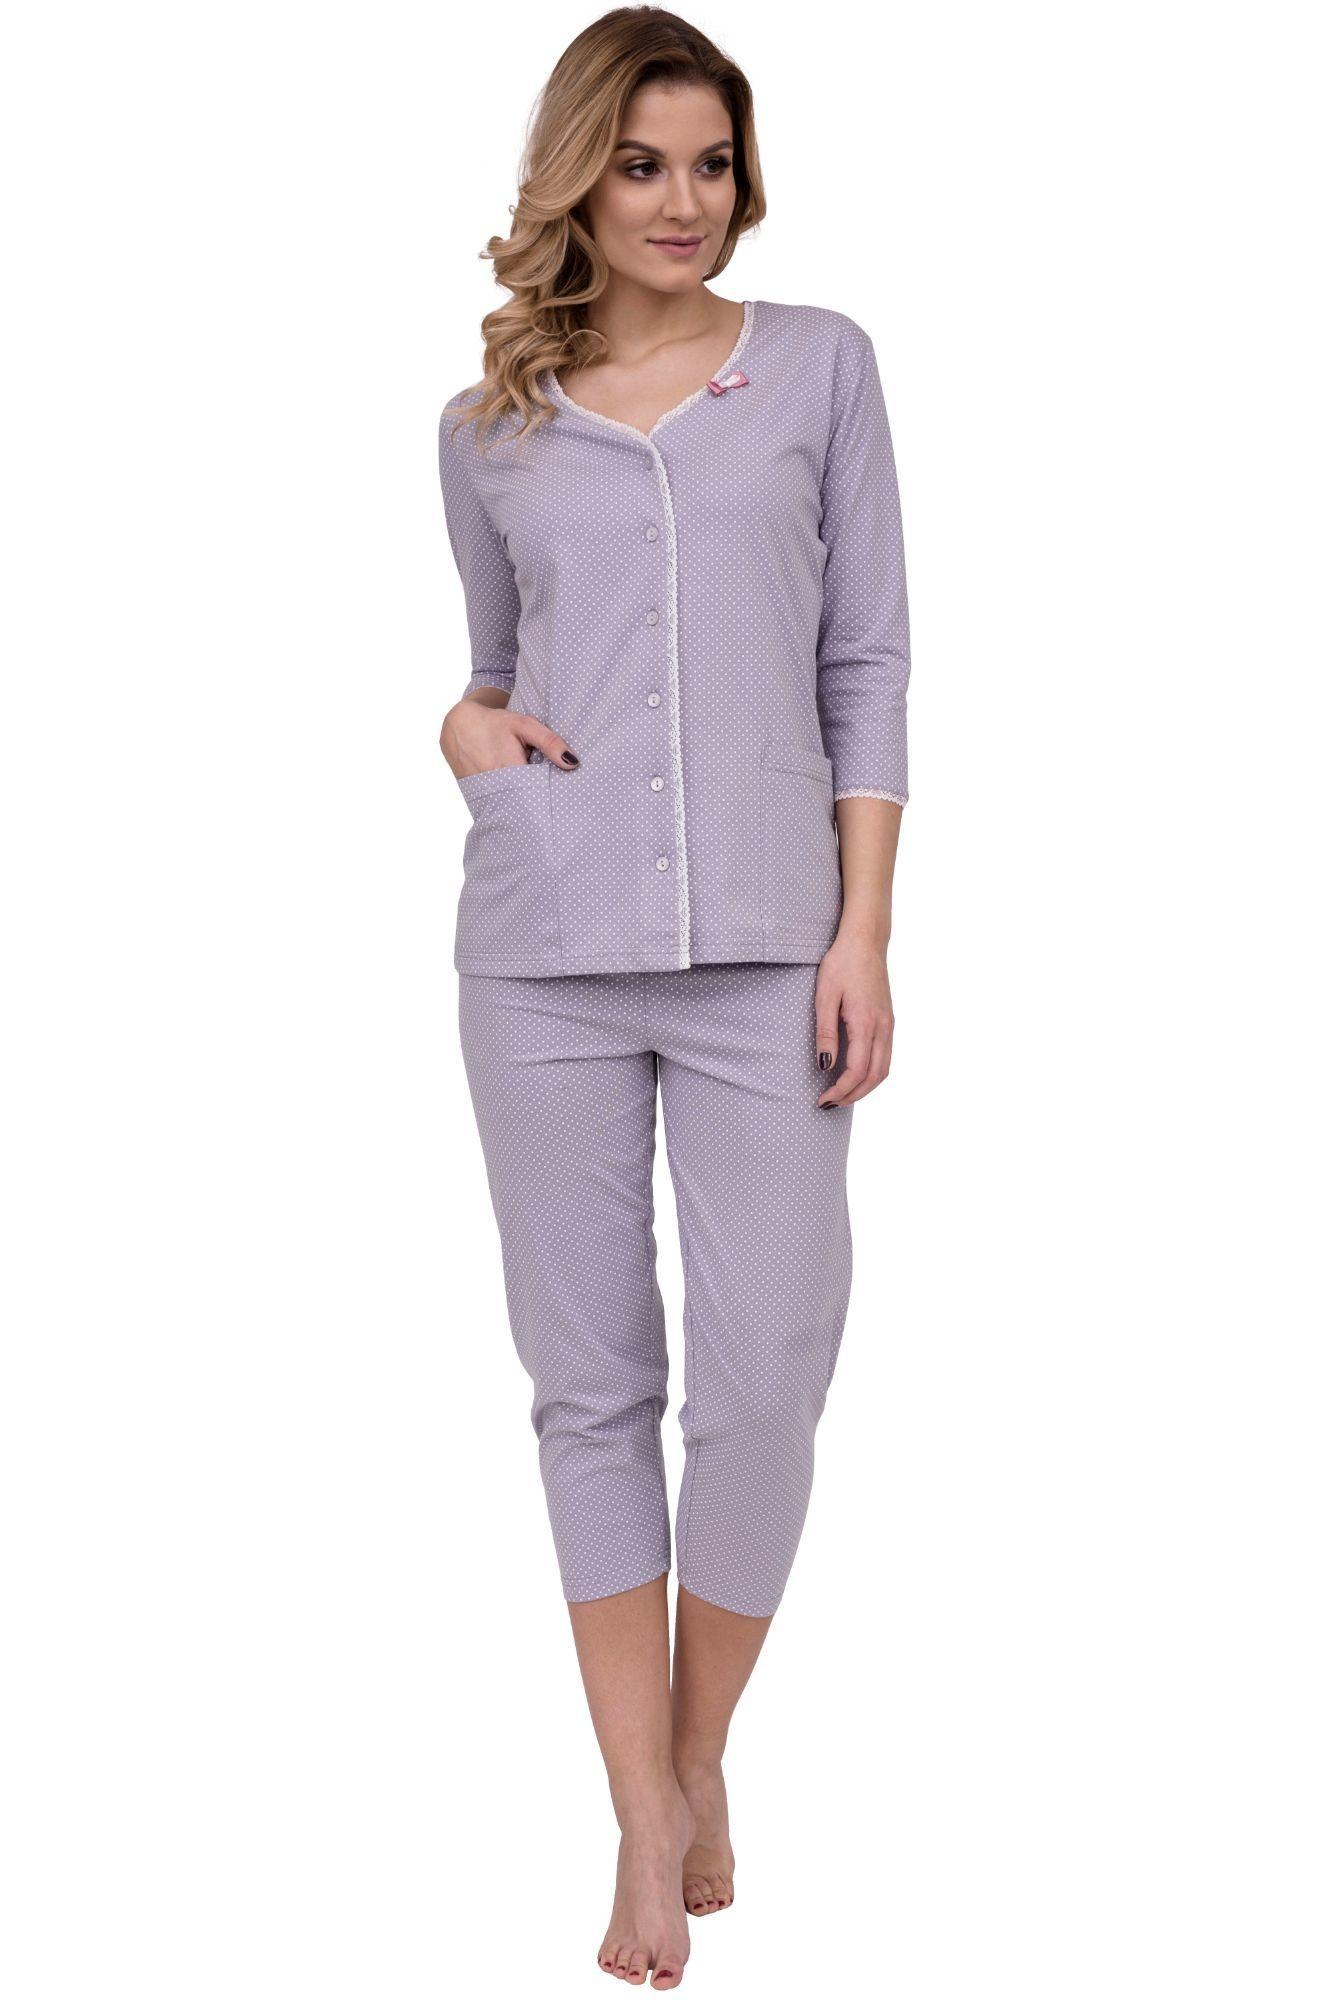 409c54ff3 Luxusní dámské bavlněné pyžamo Gábina s puntíky na knoflíky